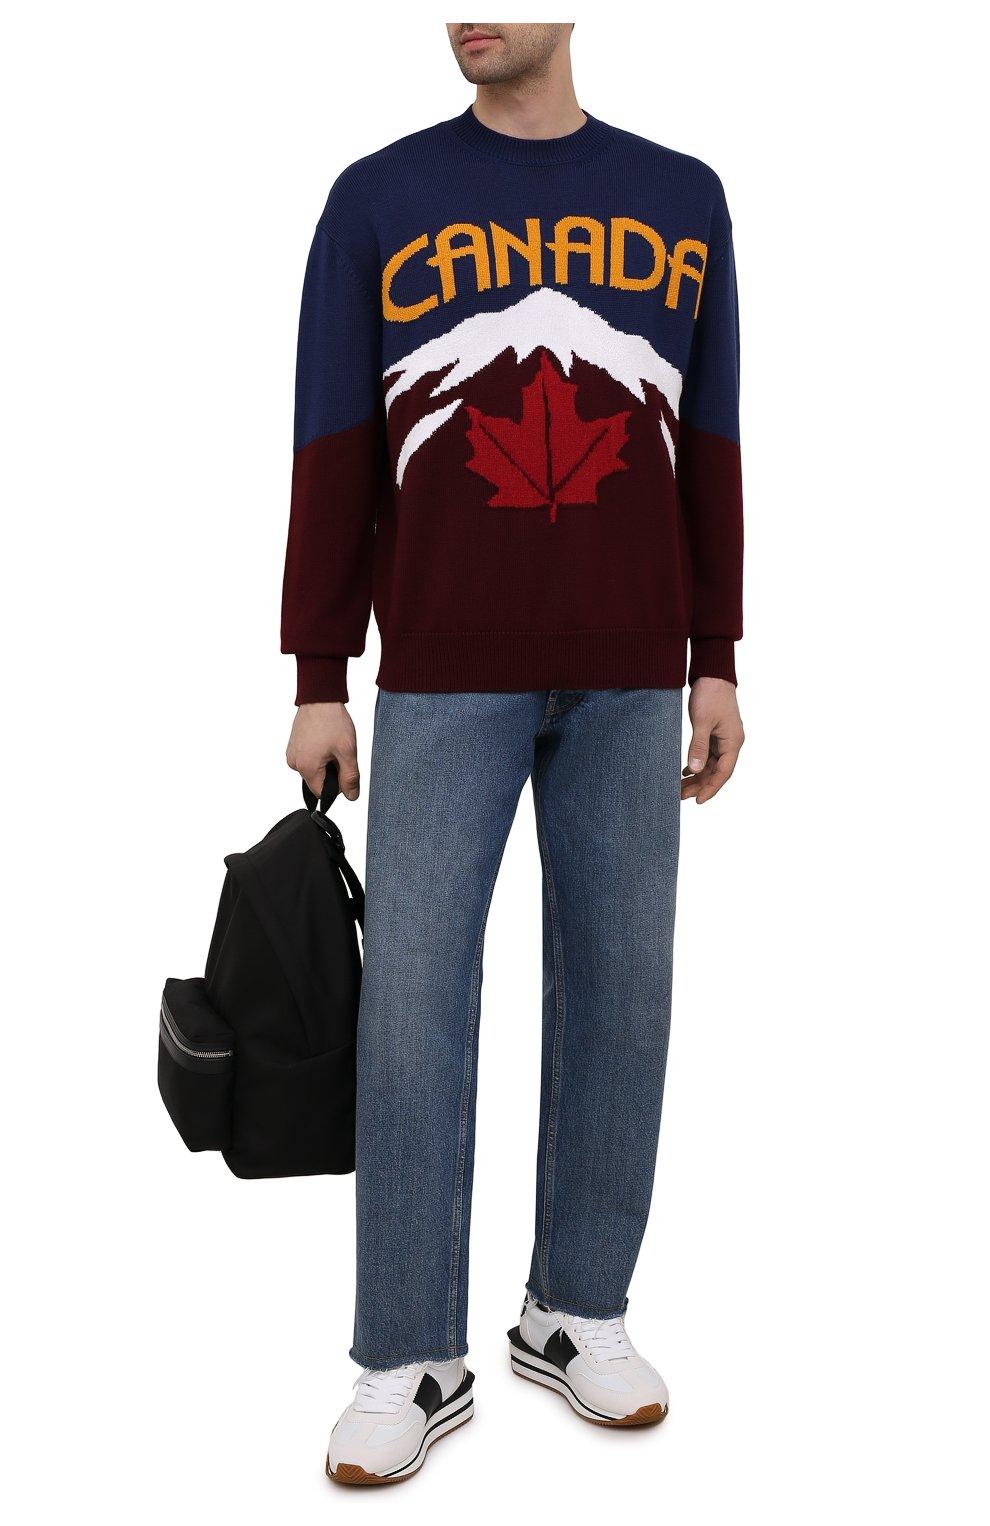 Мужской свитер из шерсти и кашемира DSQUARED2 разноцветного цвета, арт. S74HA1194/S17777 | Фото 2 (Материал внешний: Шерсть; Рукава: Длинные; Длина (для топов): Стандартные)